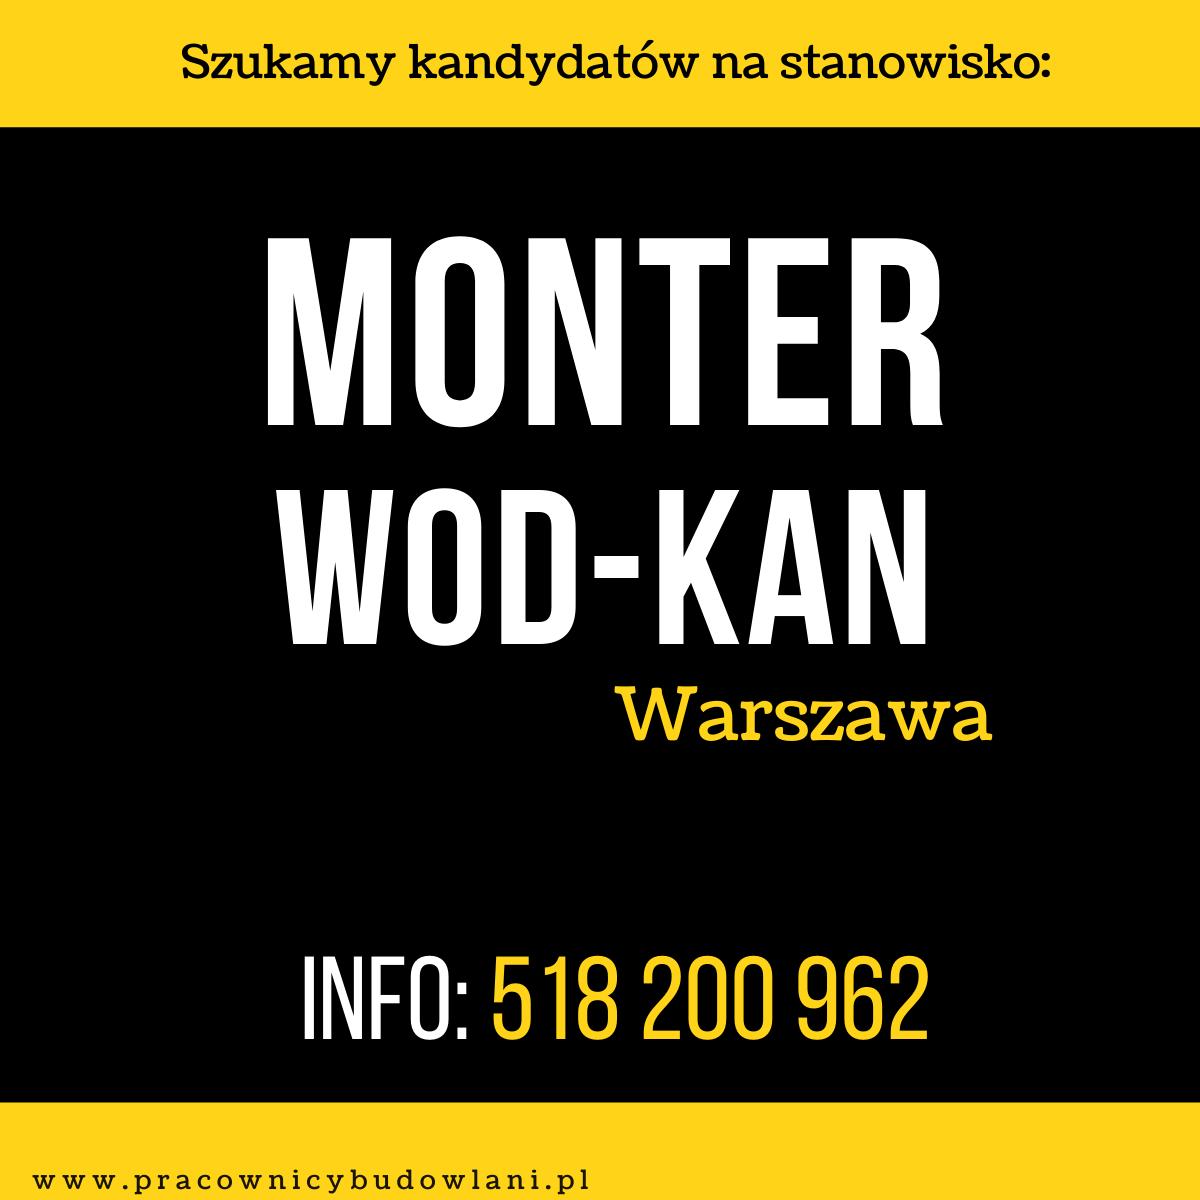 Monter wod-kan/Hydraulik oraz Pomocnik – sieci zewnętrzne i  wewnętrzne. Warszawa